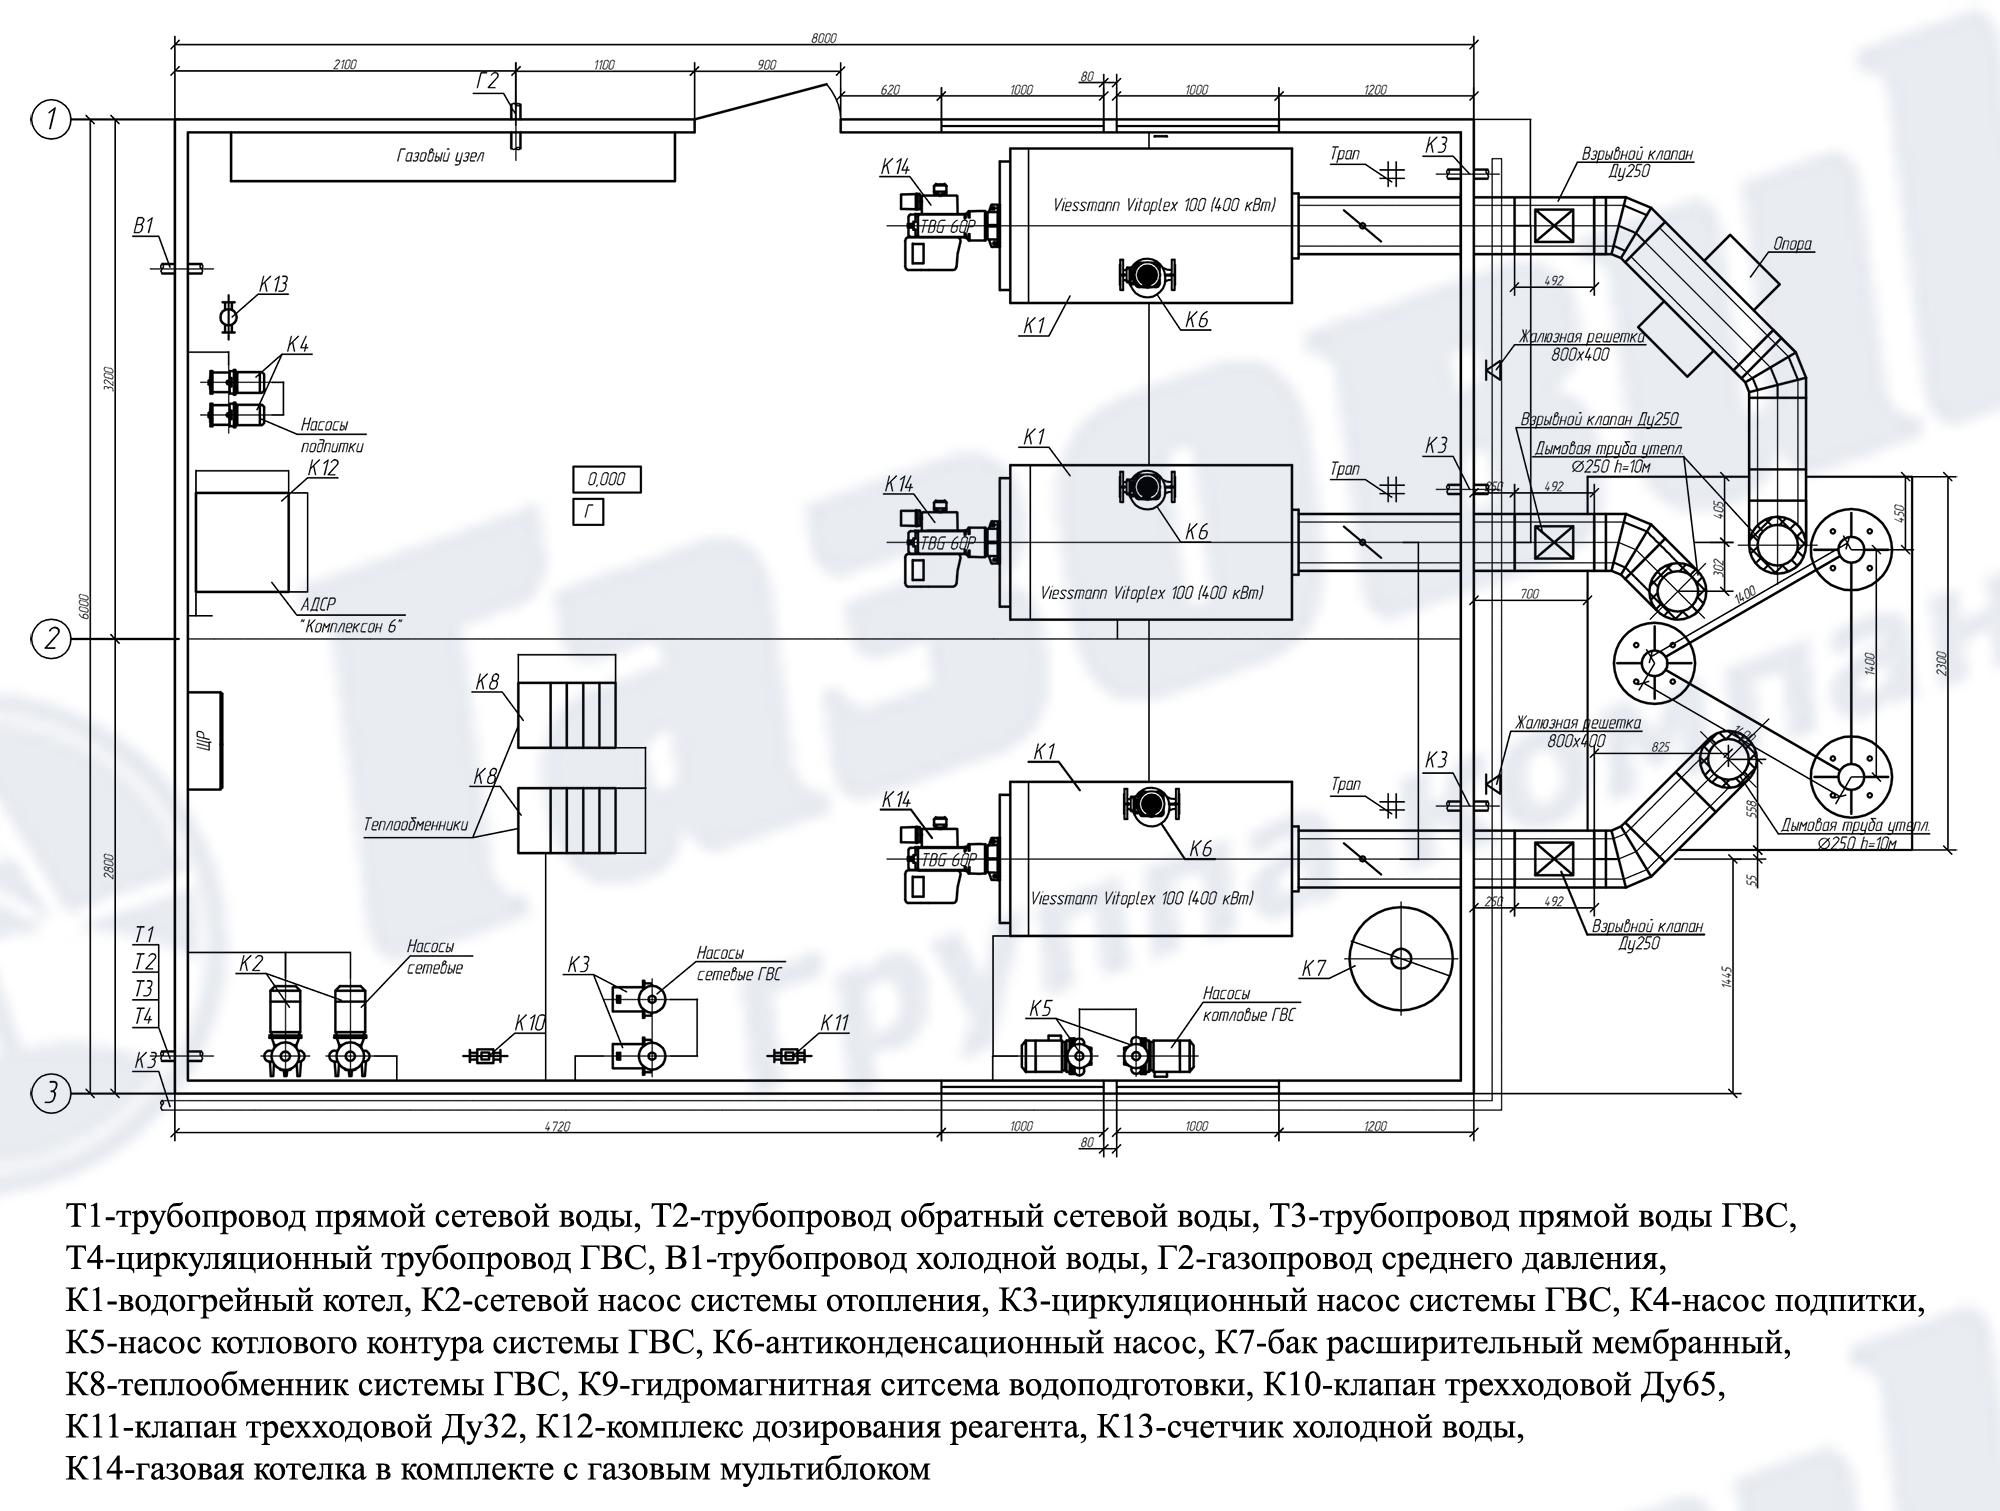 Тепломеханическая Схема Котельной